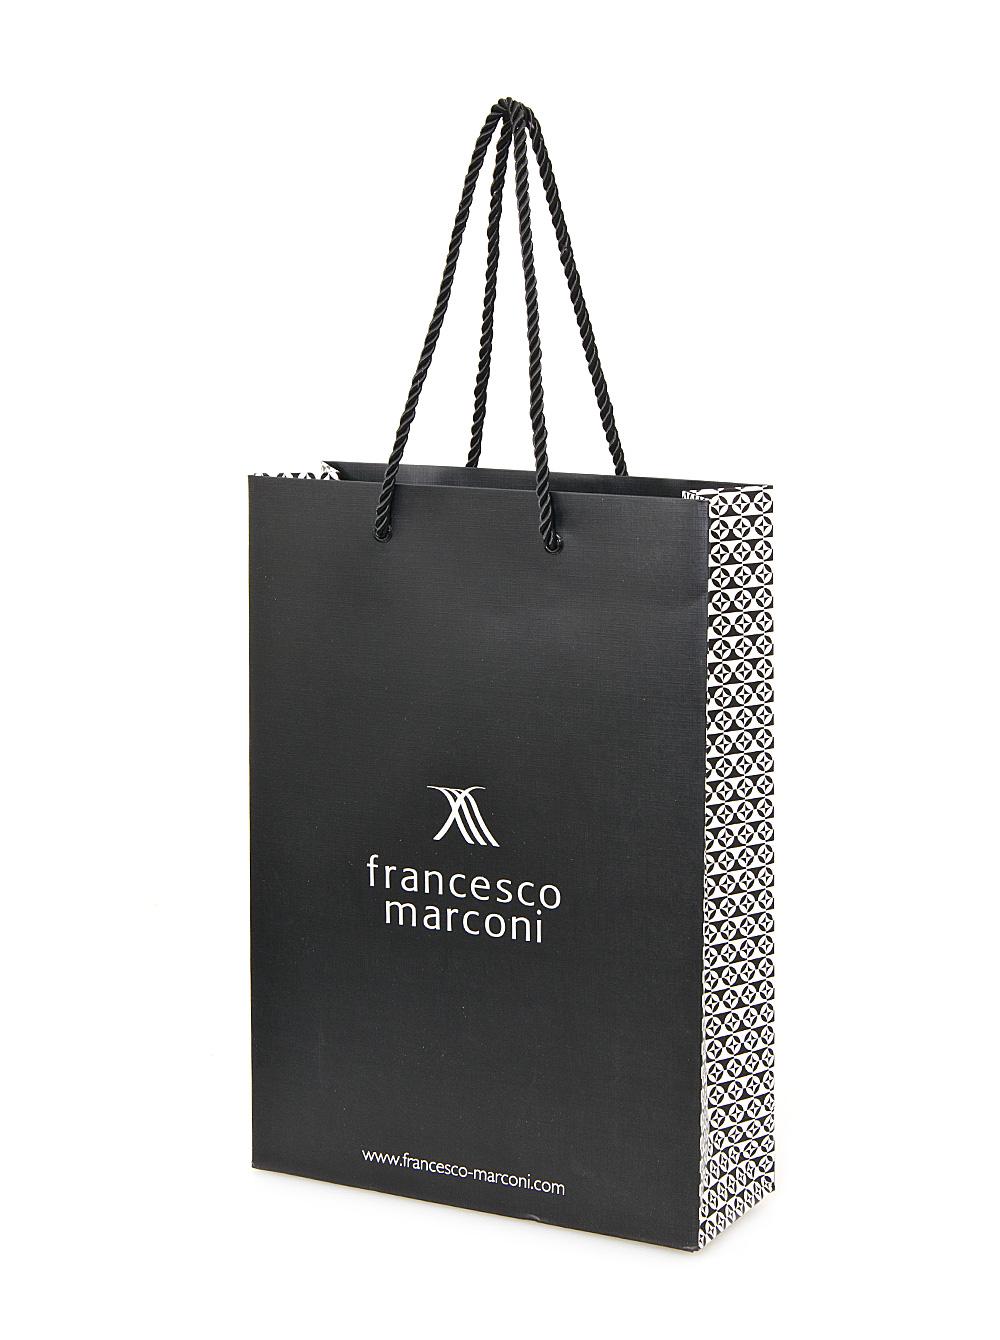 ... Франческо Маркони изготовляется специальная фурнитура. Символ торговой  марки должен присутствовать на всех мелких деталях, вплоть до бегунка  молнии. b8fb1087e25